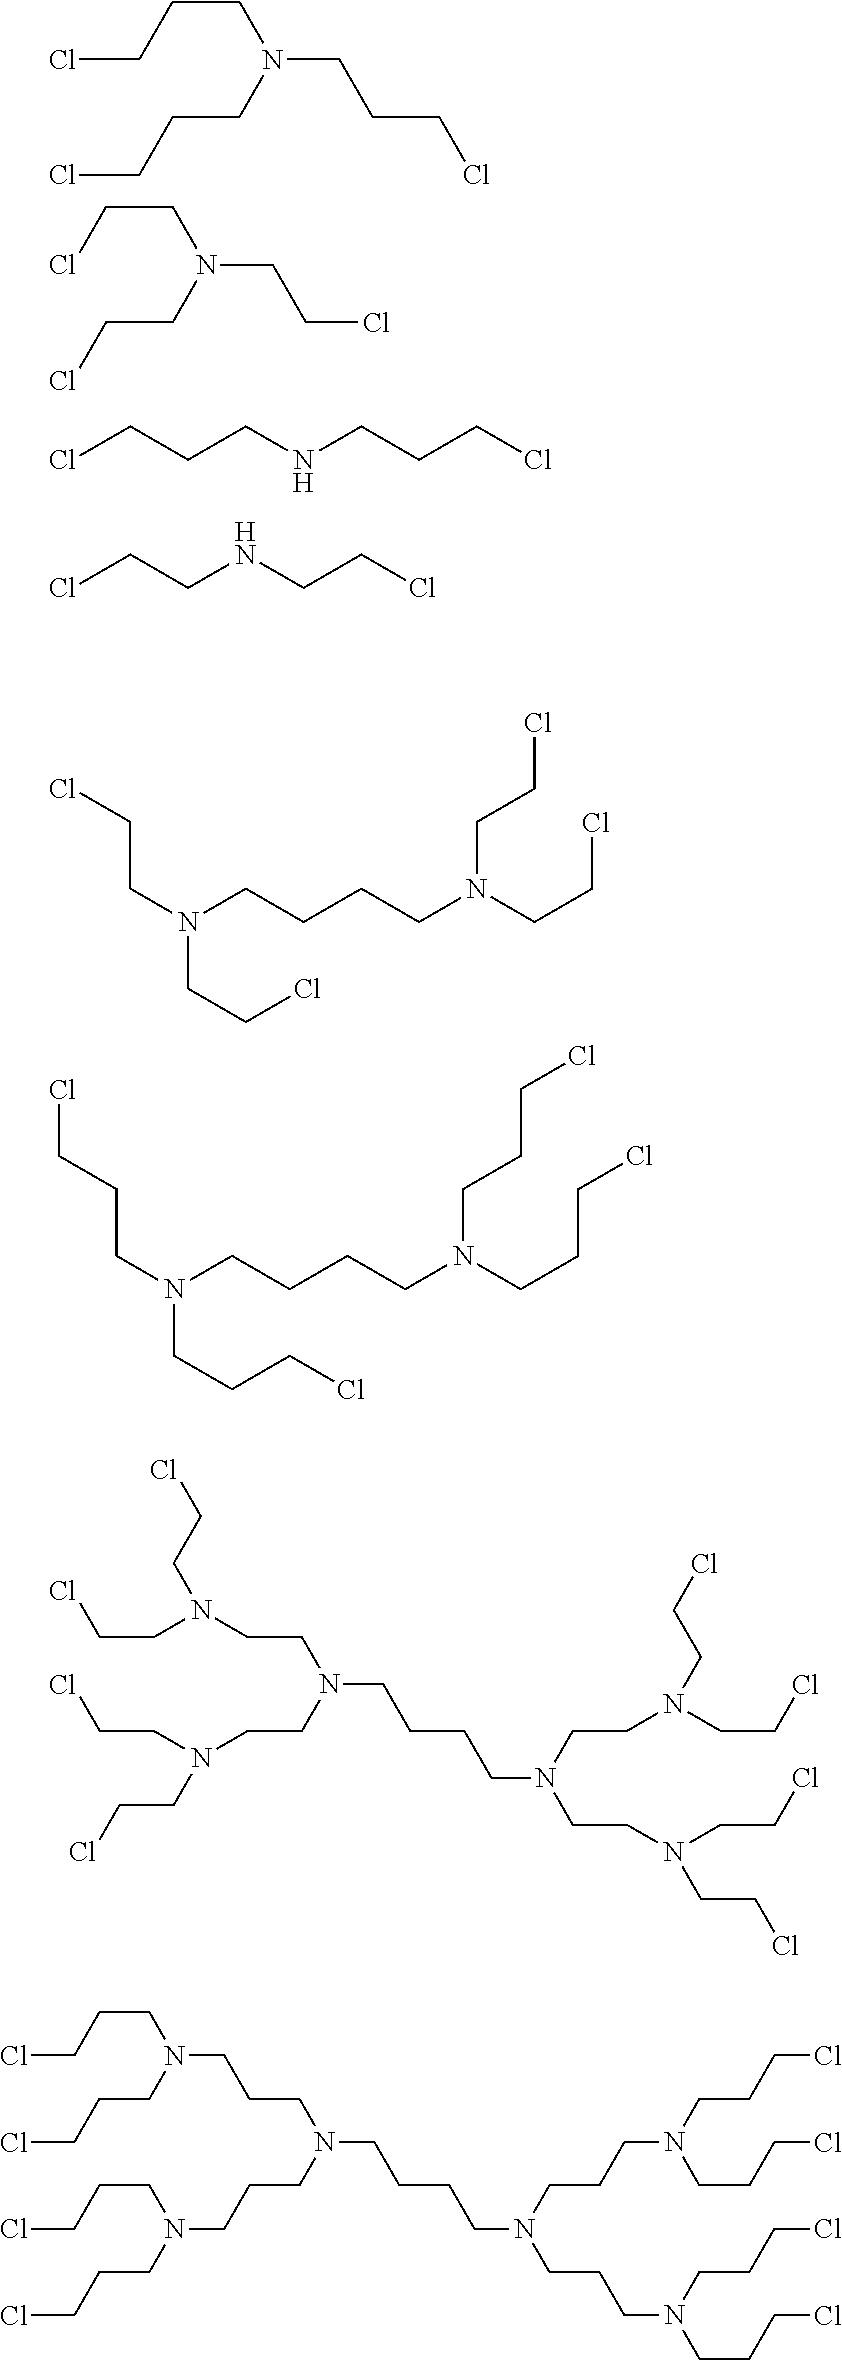 Figure US20110142952A1-20110616-C00060